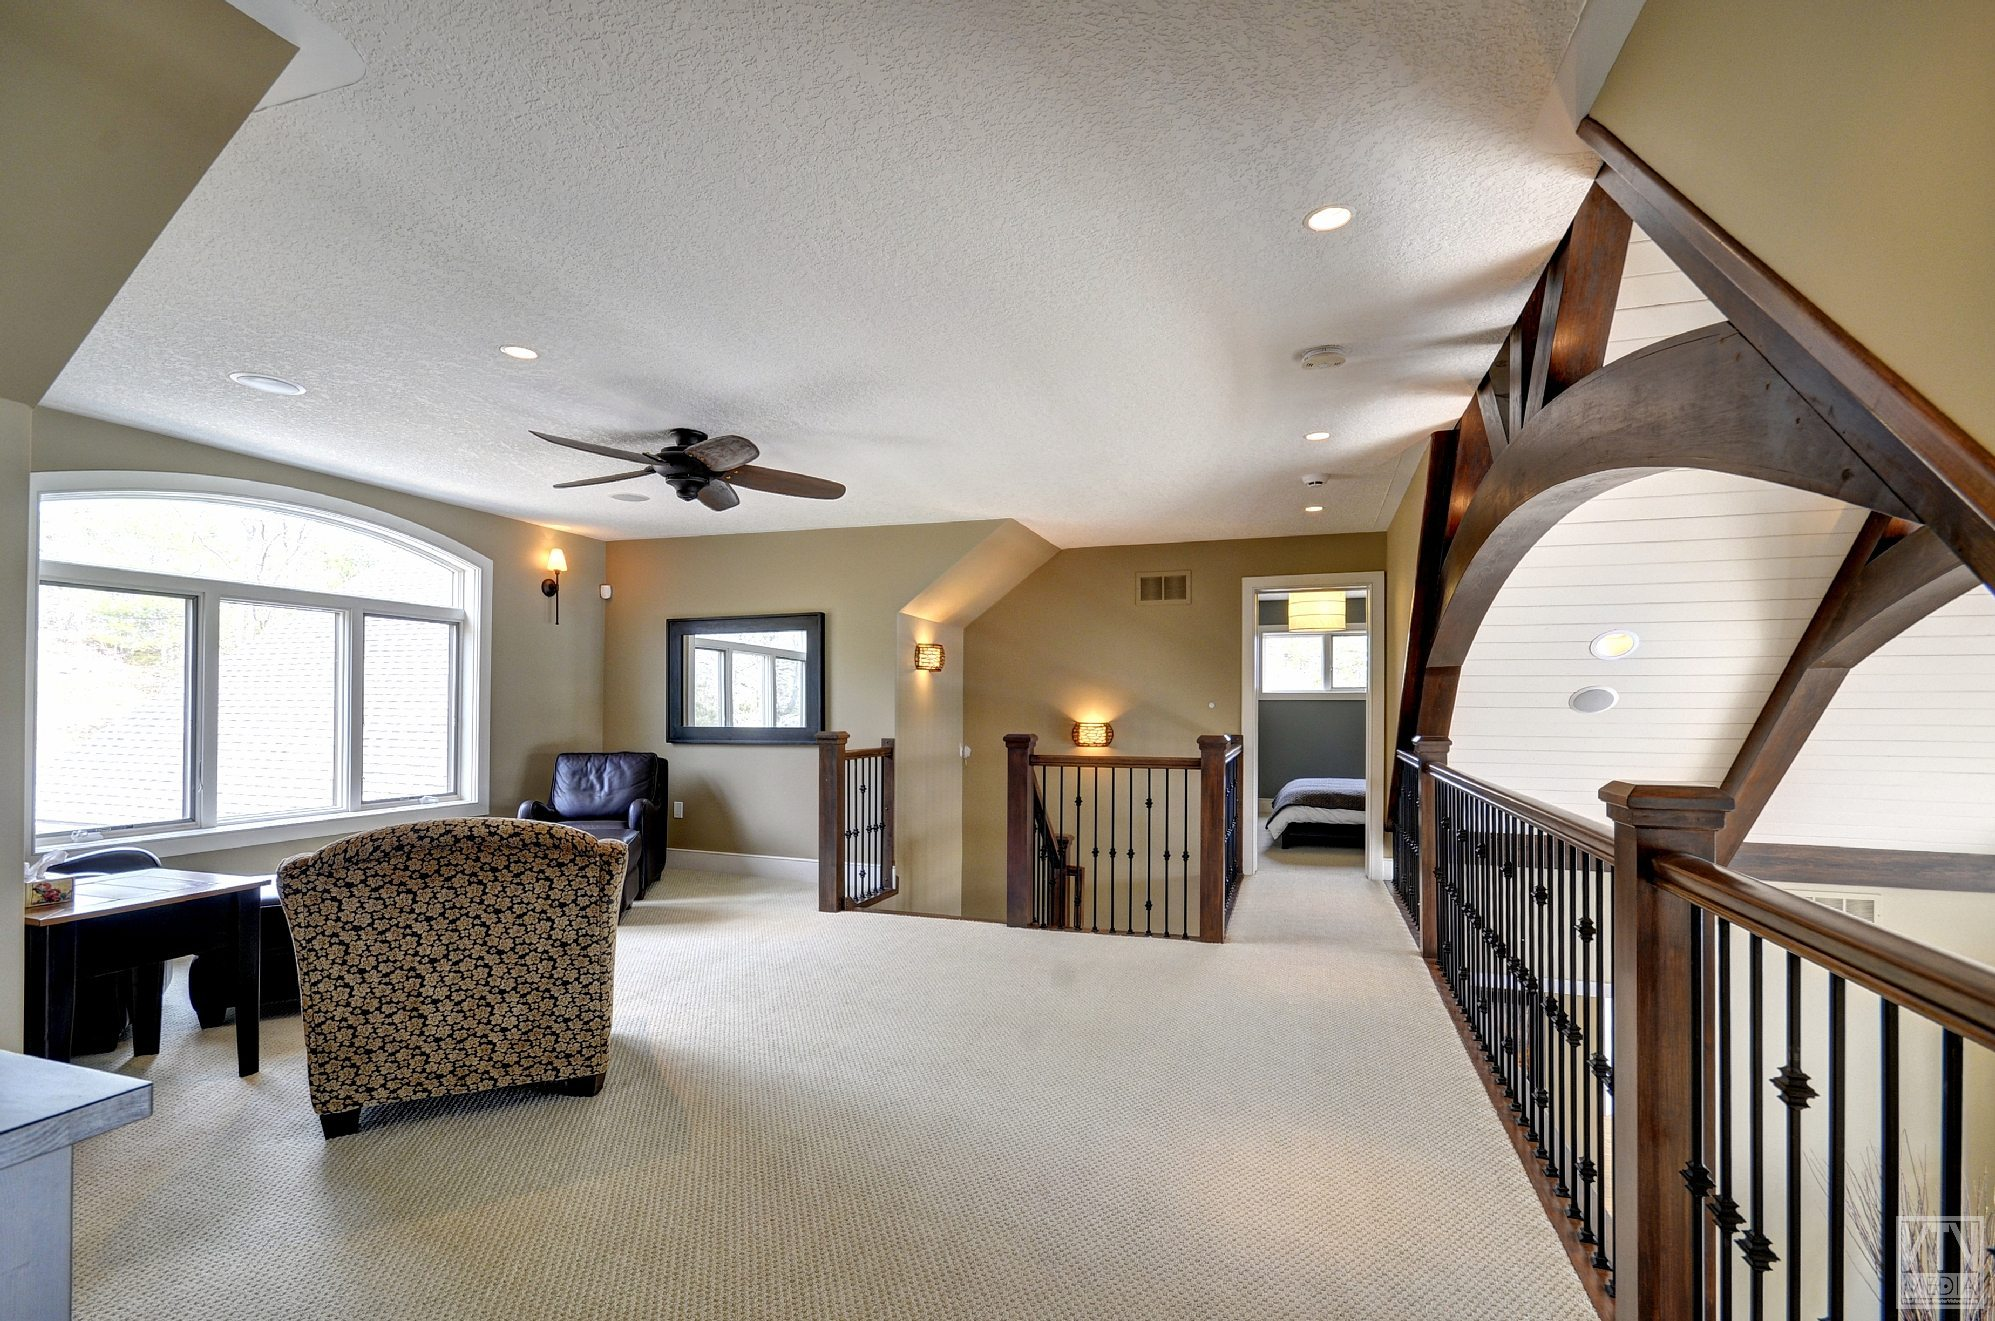 severn-cottage-for-sale-4289-delta-road-west-10